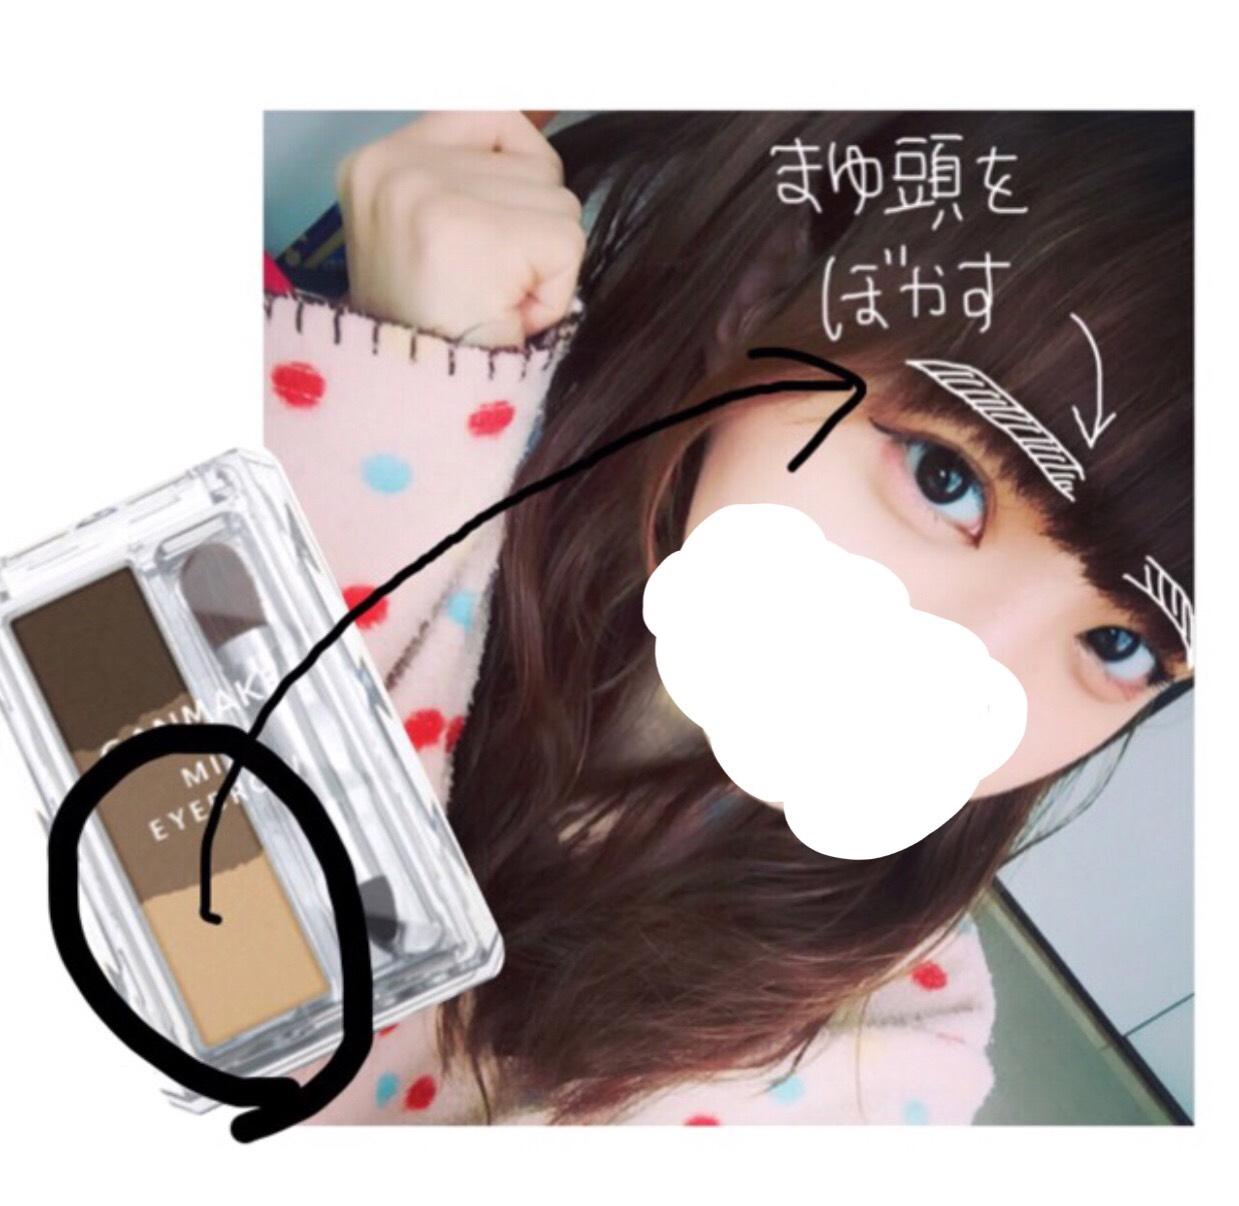 ①自分なりのベースメイクをします ②次に眉毛を書きます 眉頭をさけて眉毛の間を塗り、アイブロウペンシルで画像のような形の眉毛に整えます